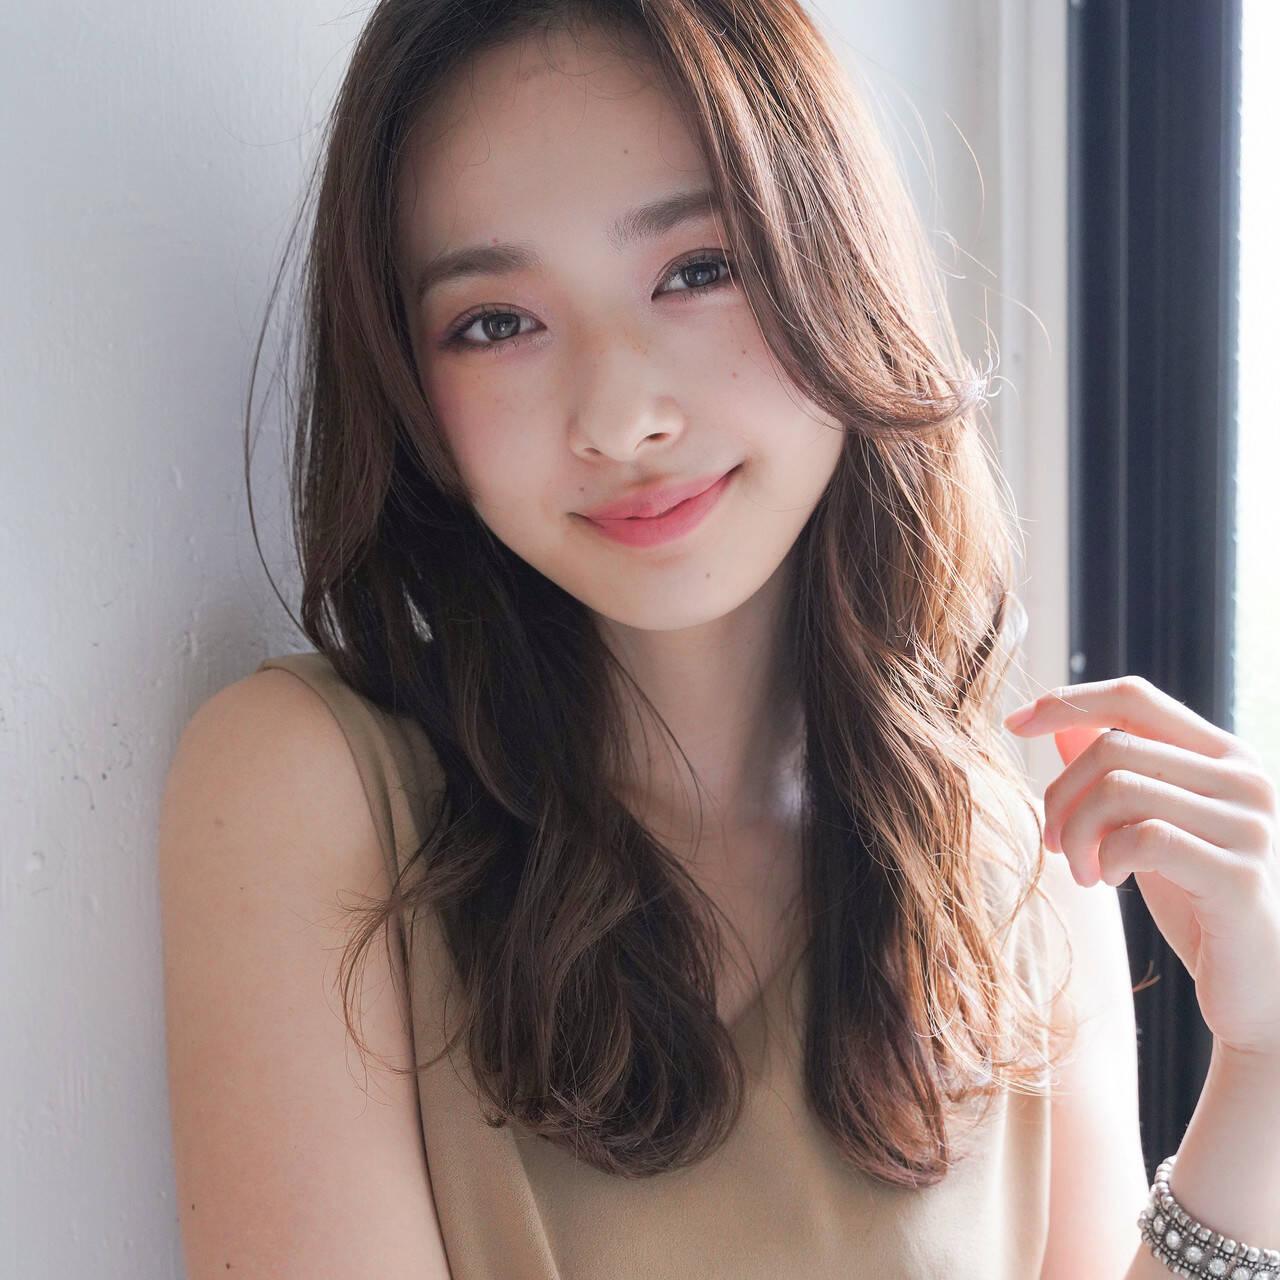 フェミニン デジタルパーマ レイヤーカット ロングヘアスタイルや髪型の写真・画像